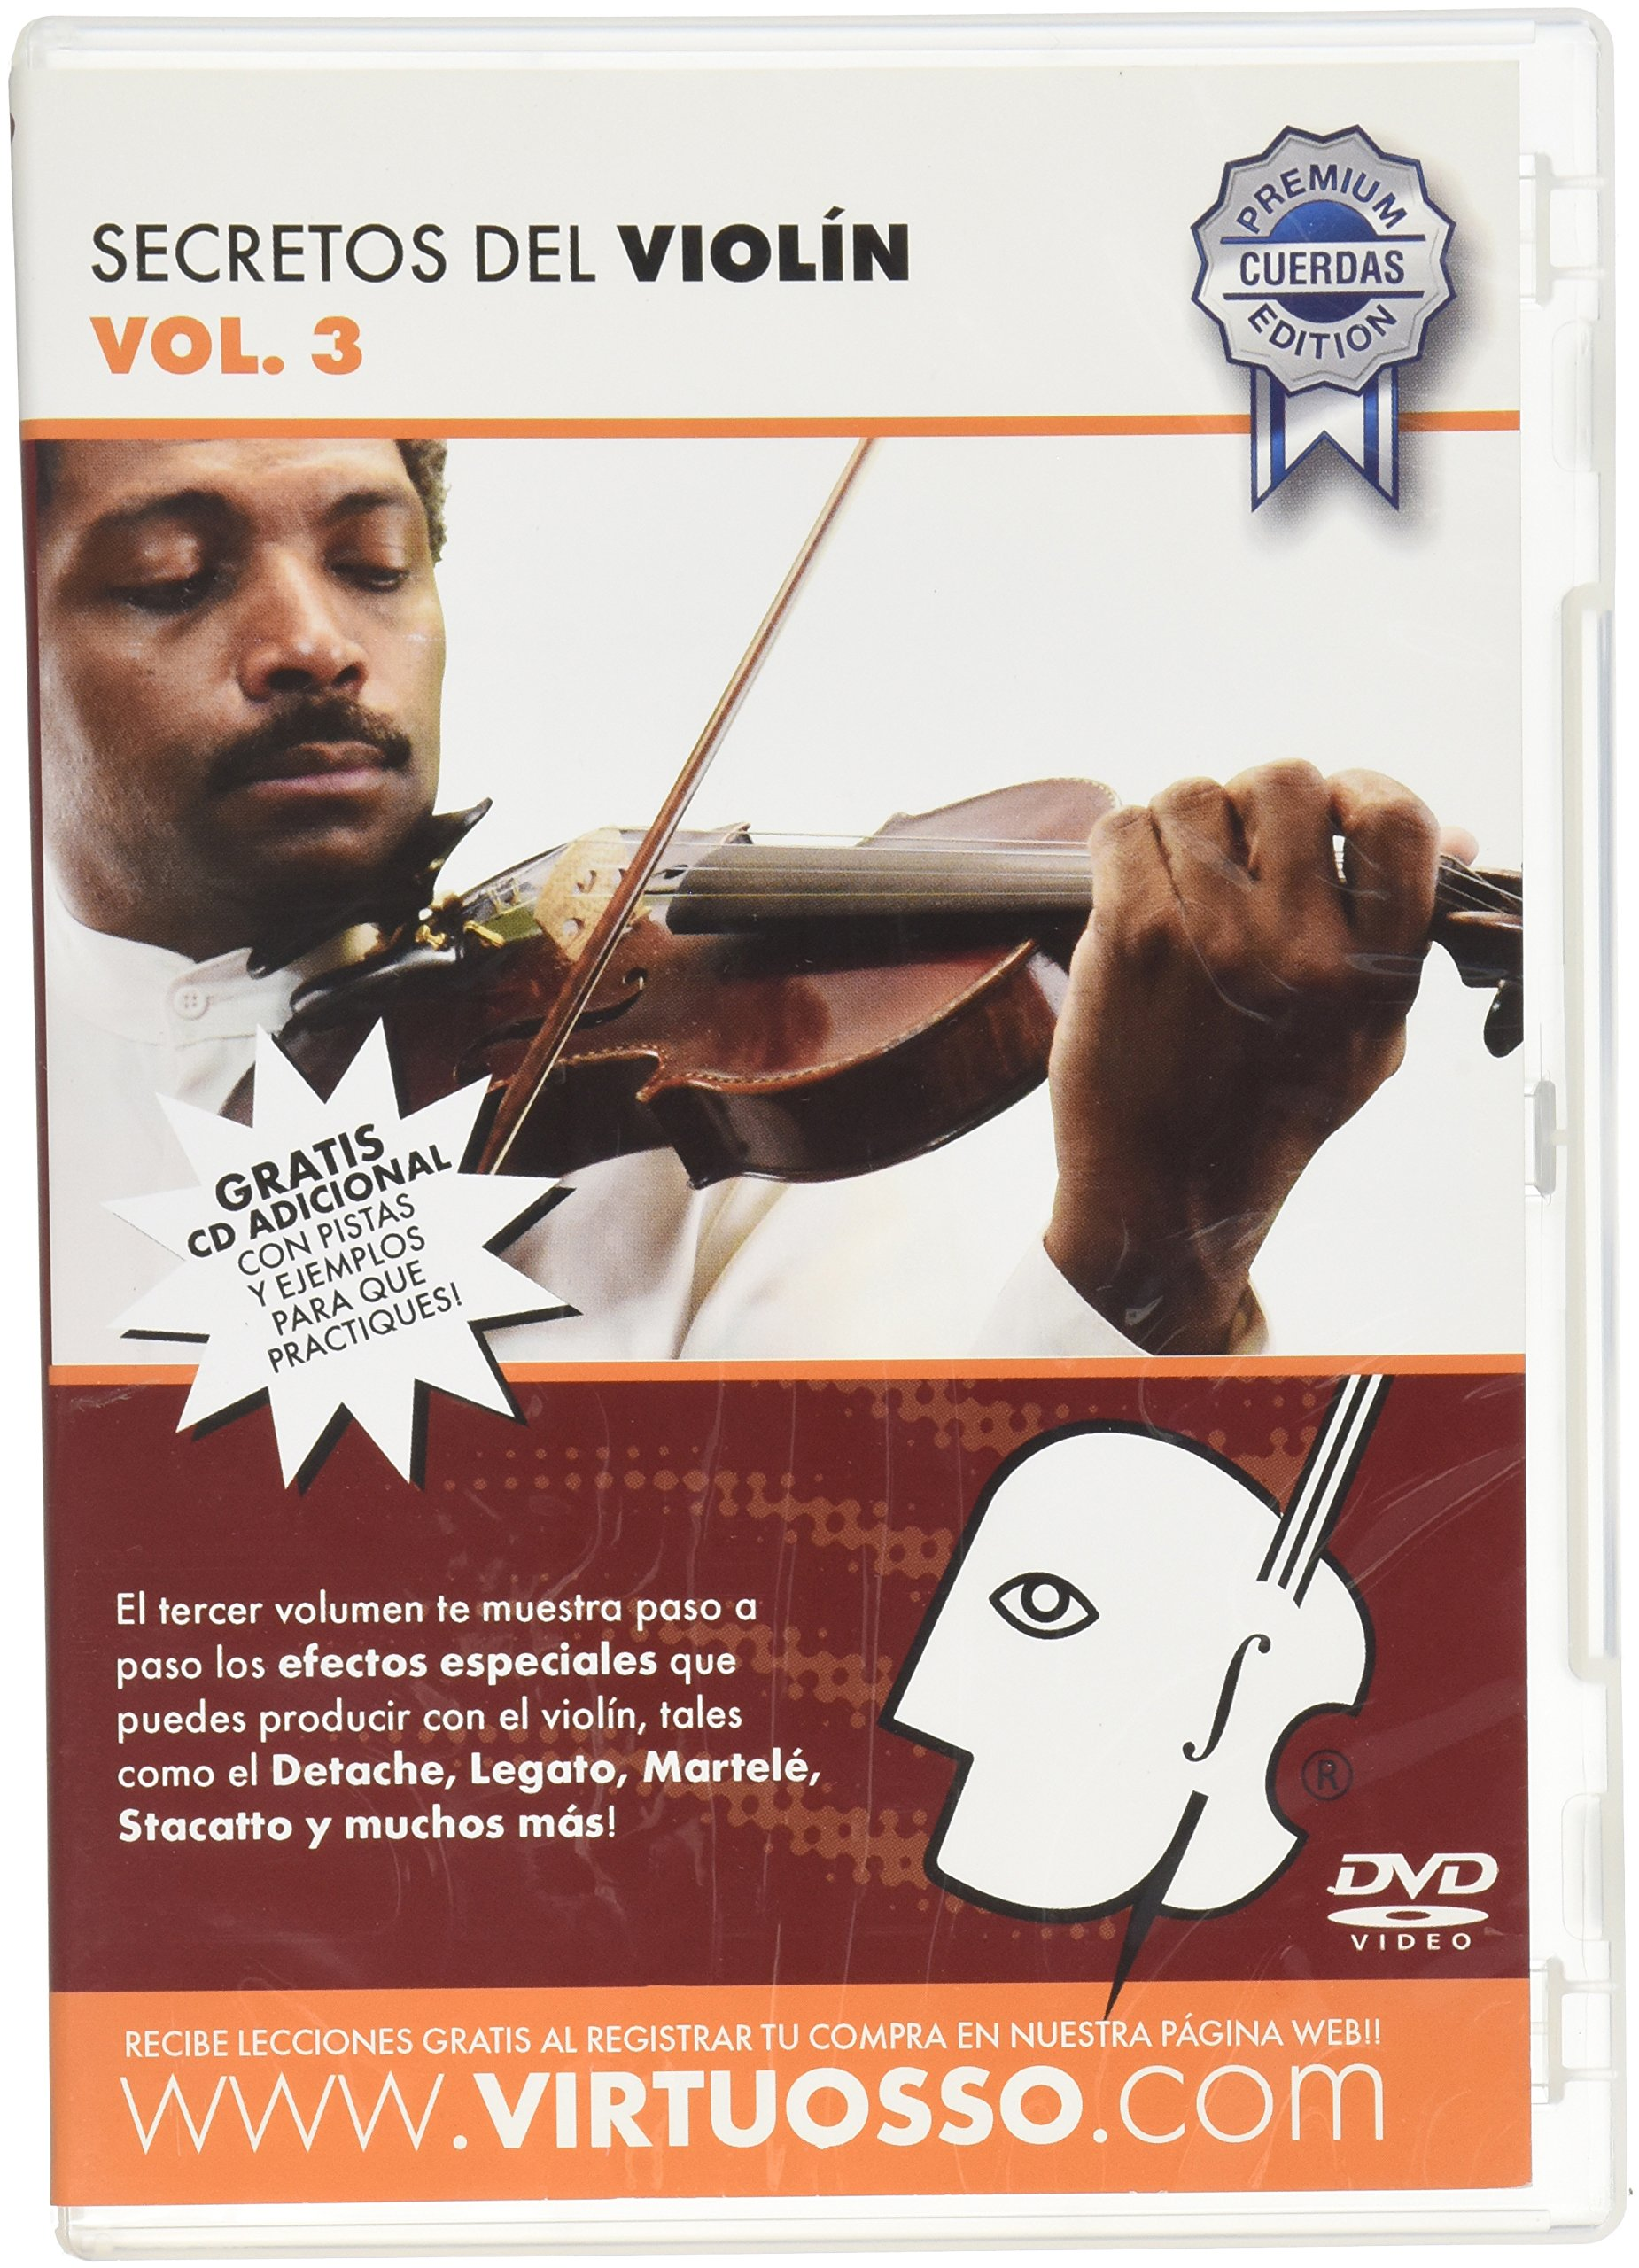 Virtuosso Violin Method Vol.3 (Curso De Violín Vol.3) SPANISH ONLY